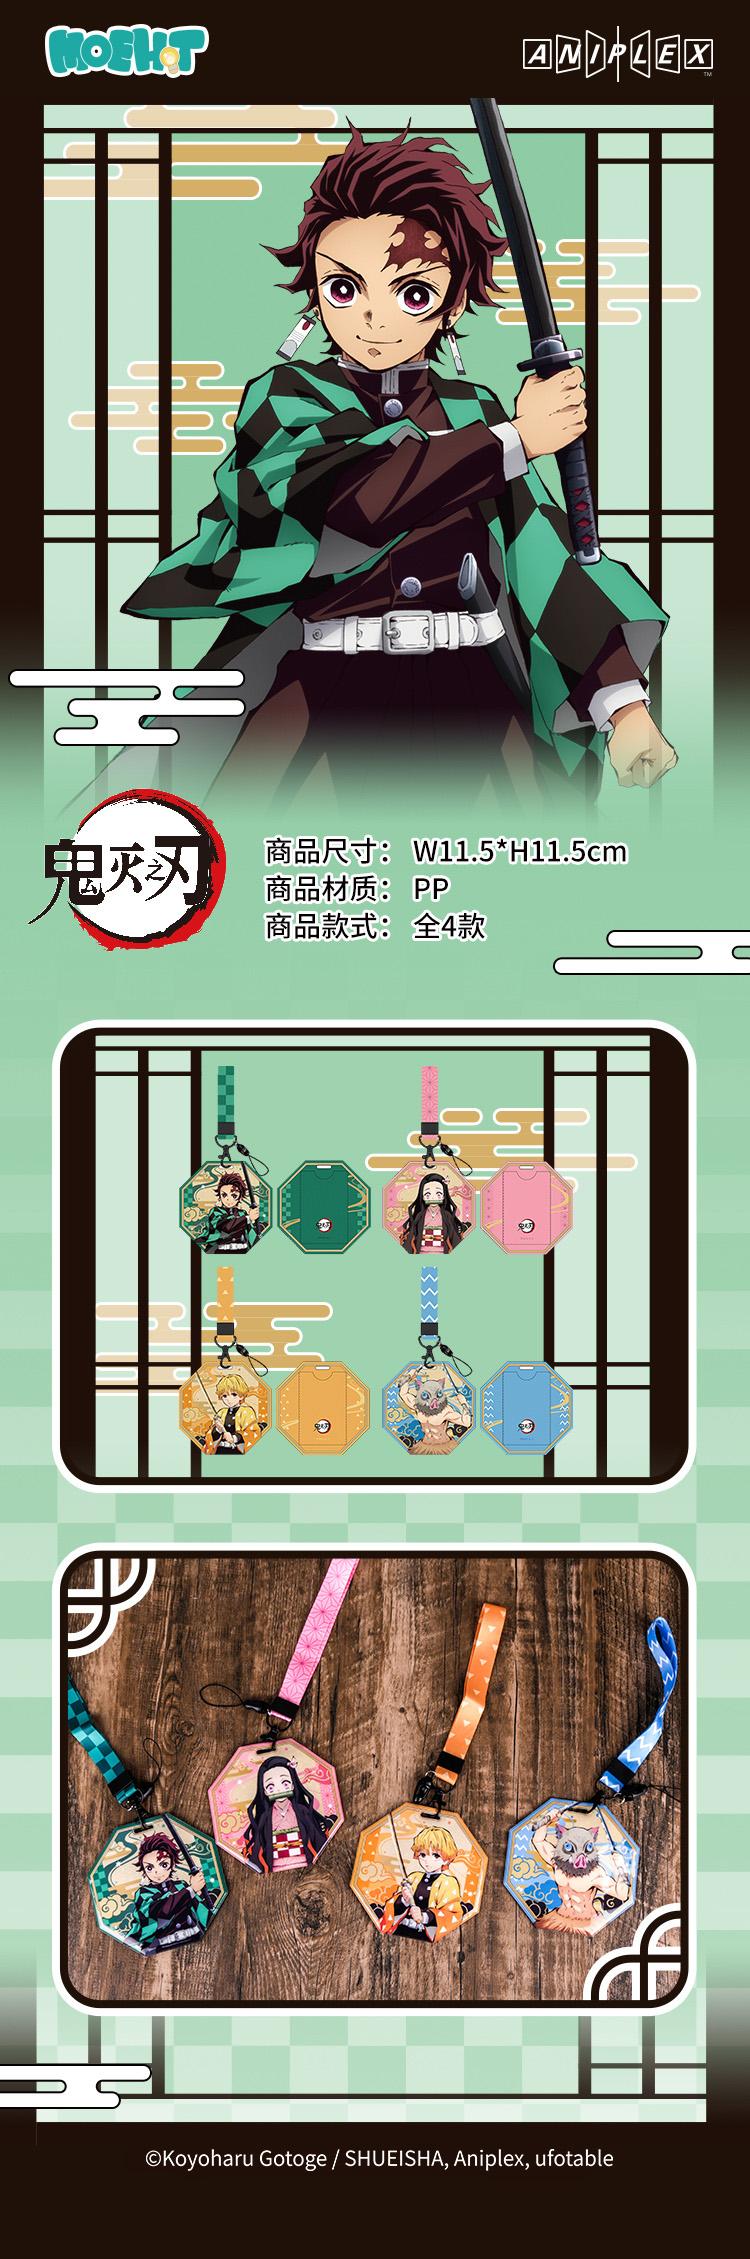 1607677201513鬼灭之刃-PVC卡套-条图.jpg